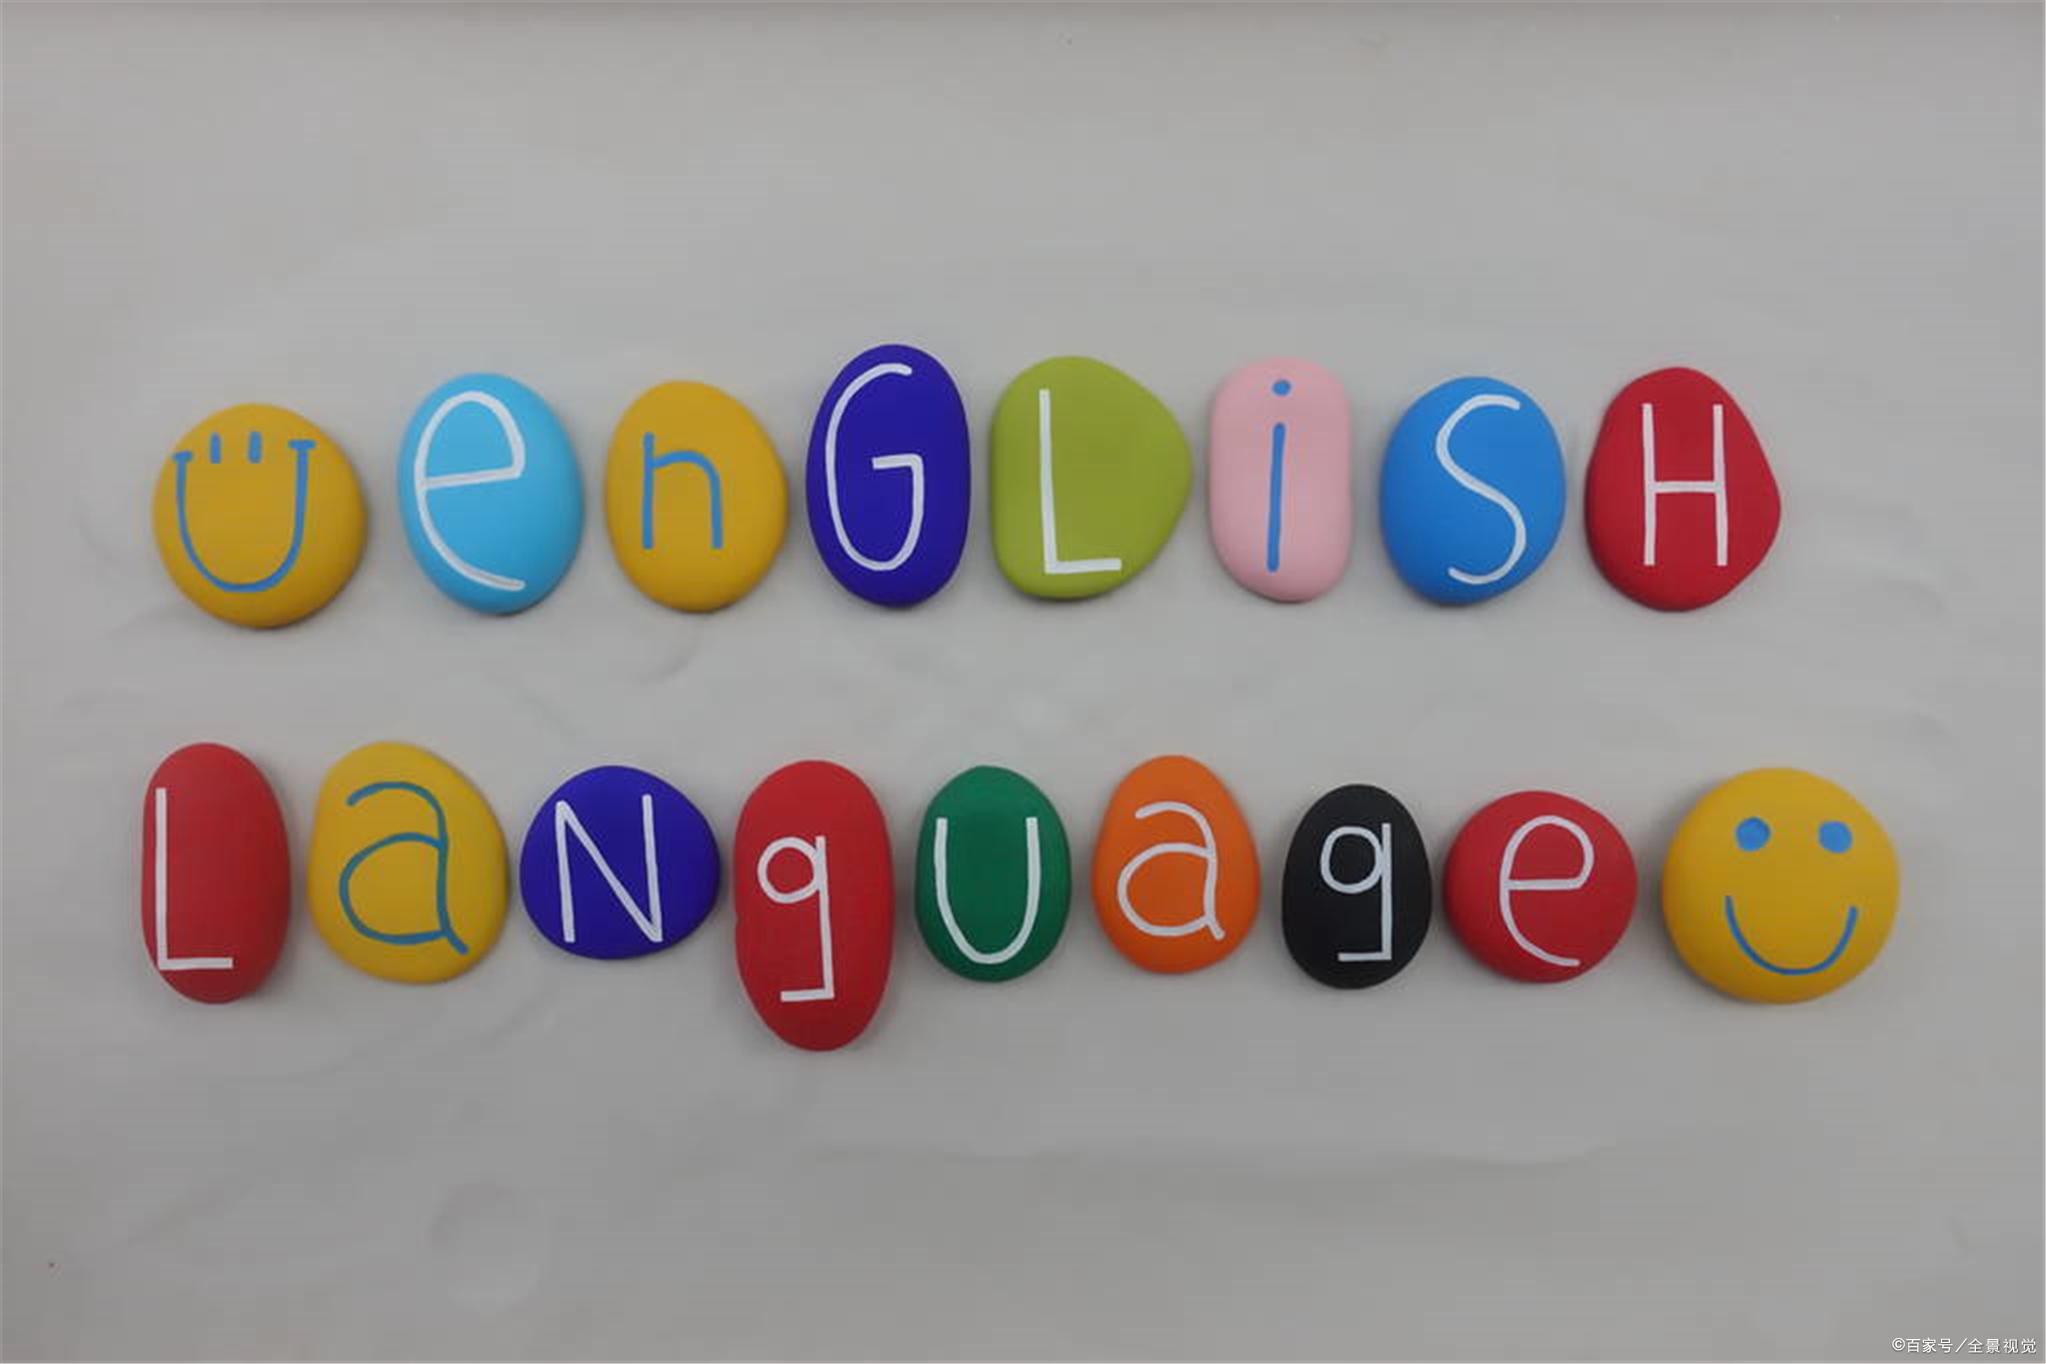 成年人练就一口流利英语的关键:掌握标准的语音知识!